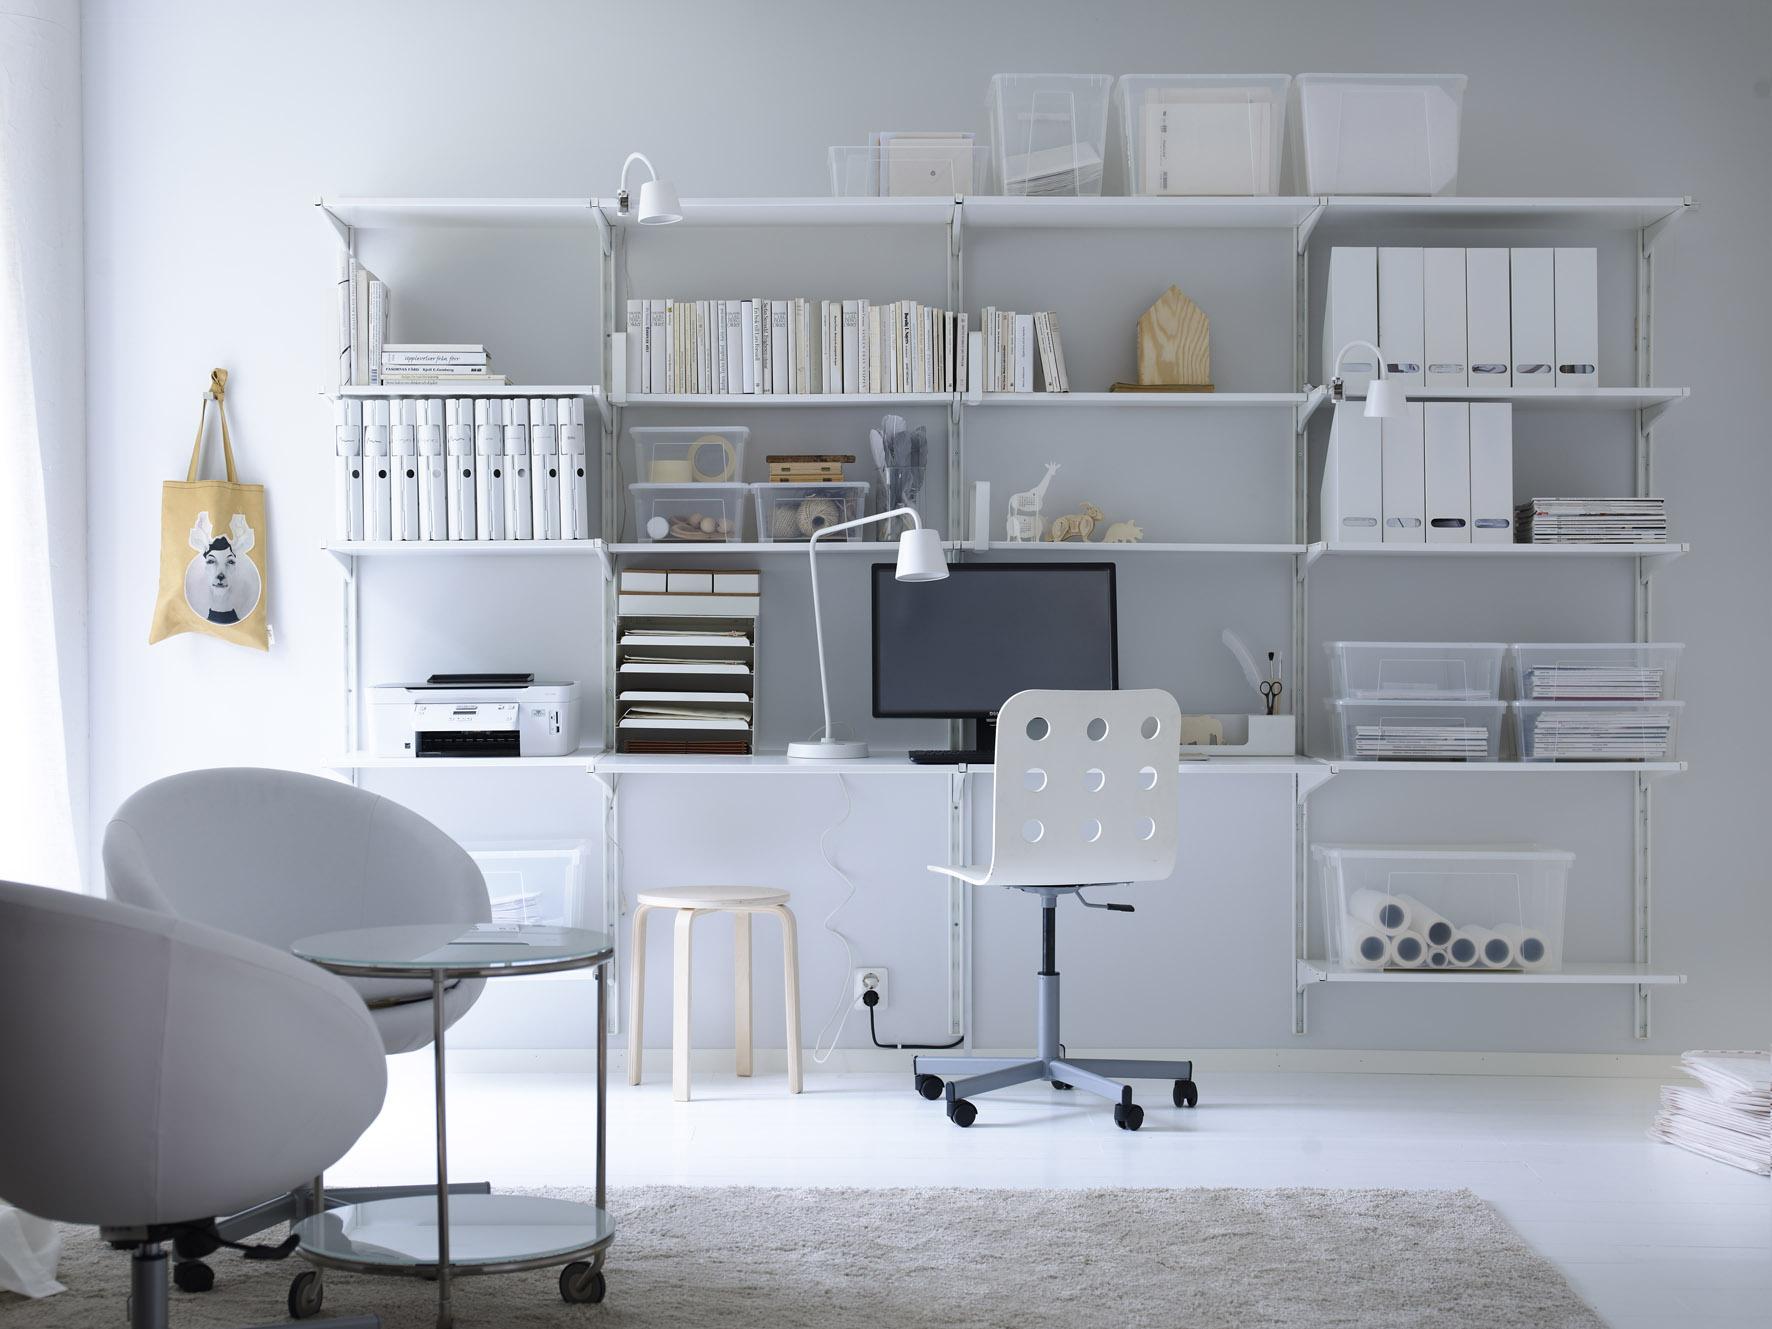 Ikea hack geef je eigen draai aan de kallax kast sheboezz